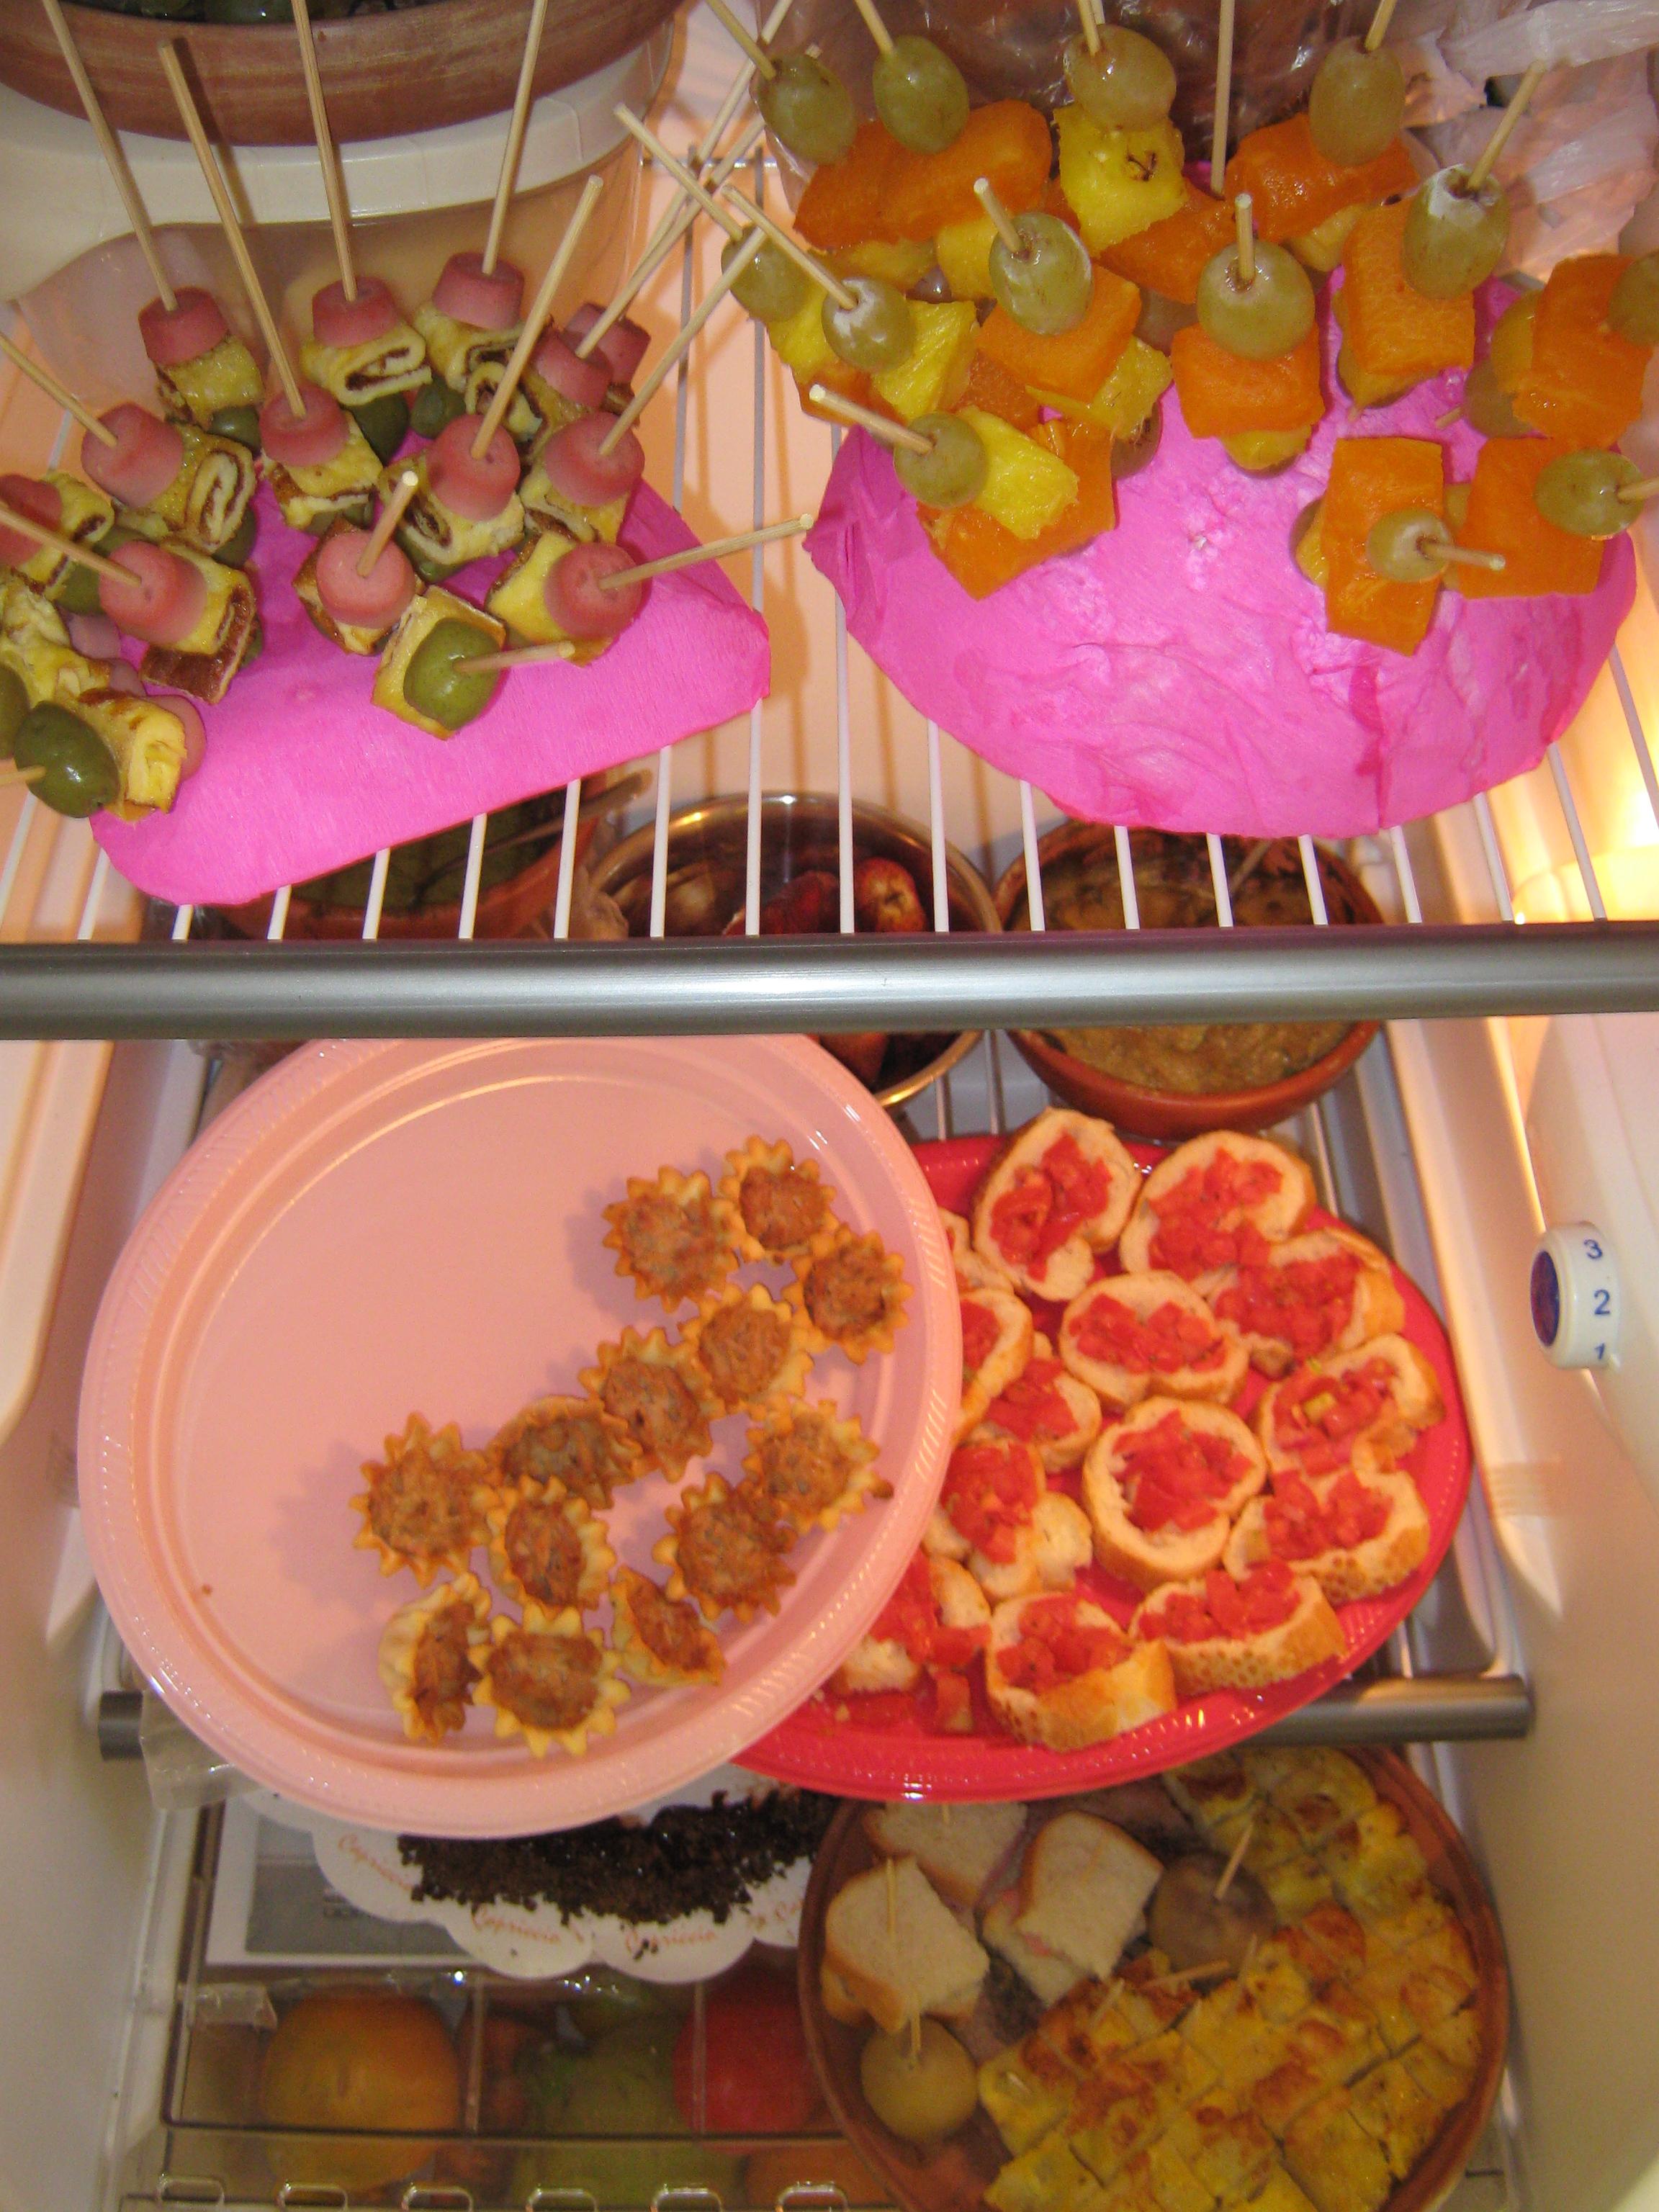 Decorazioni per il primo compleanno 1oceanoxculla - Decorazioni per feste fai da te ...